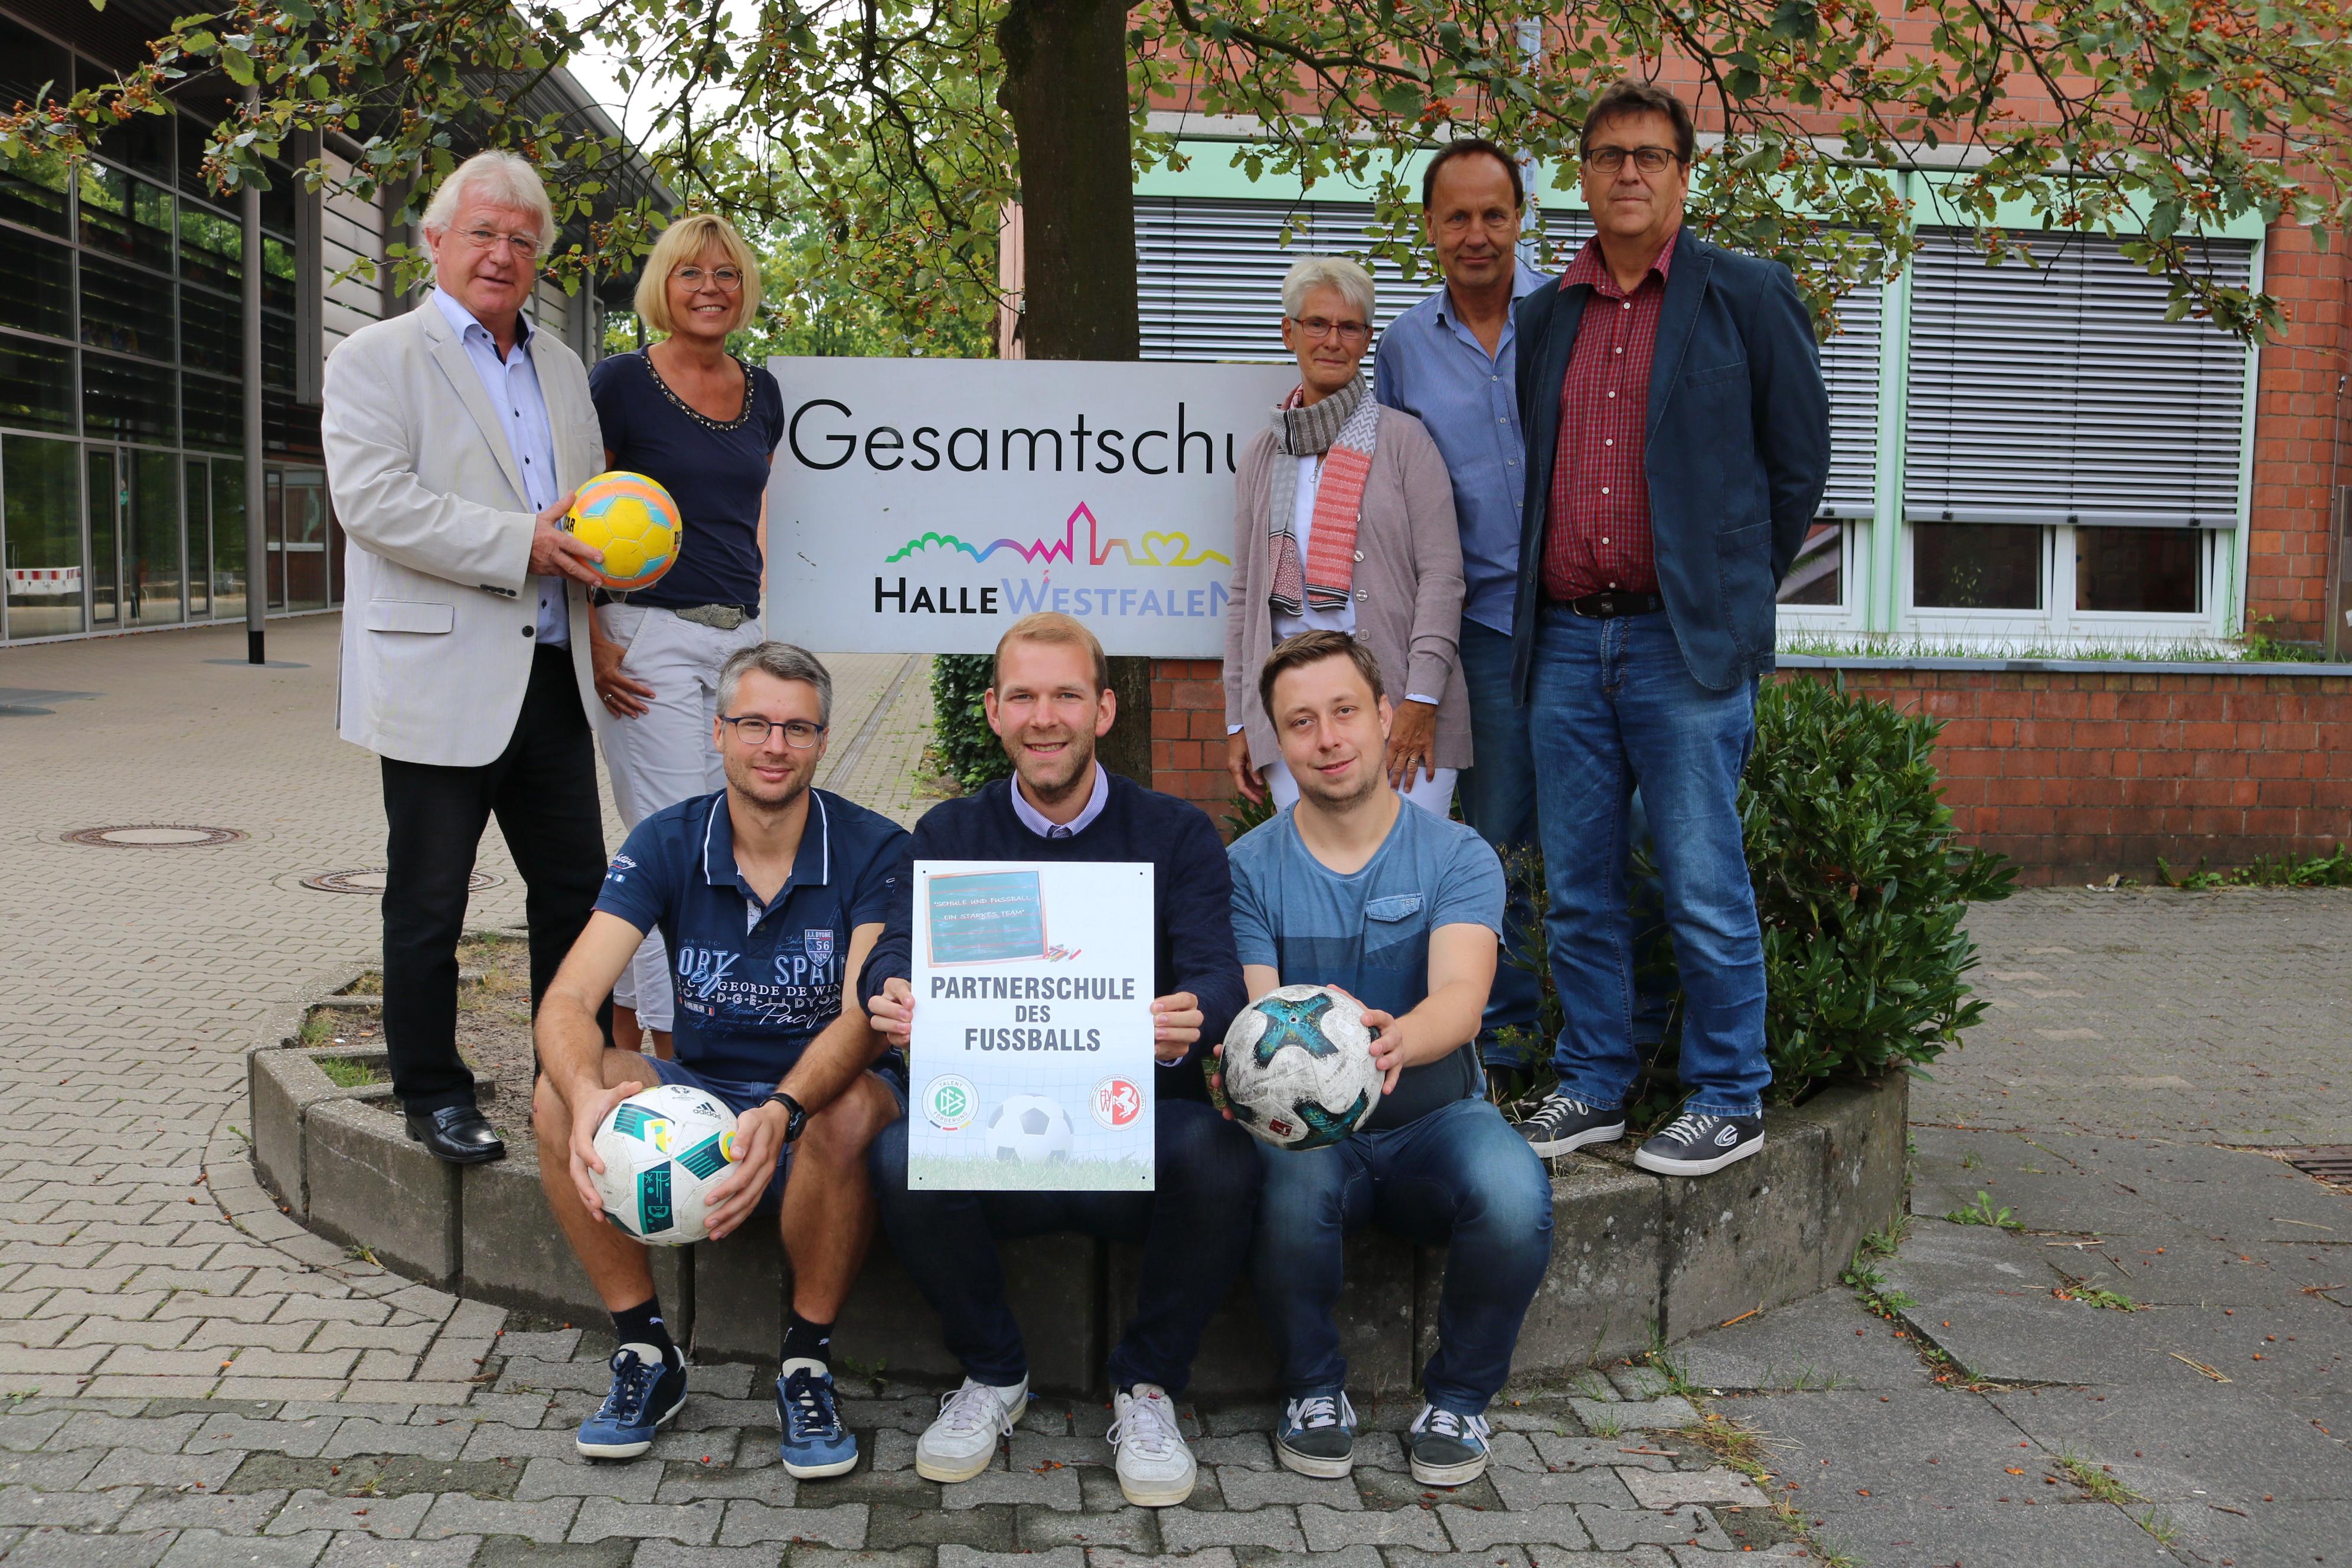 """Gesamtschule Halle wird """"Partnerschule des Fußballs"""""""